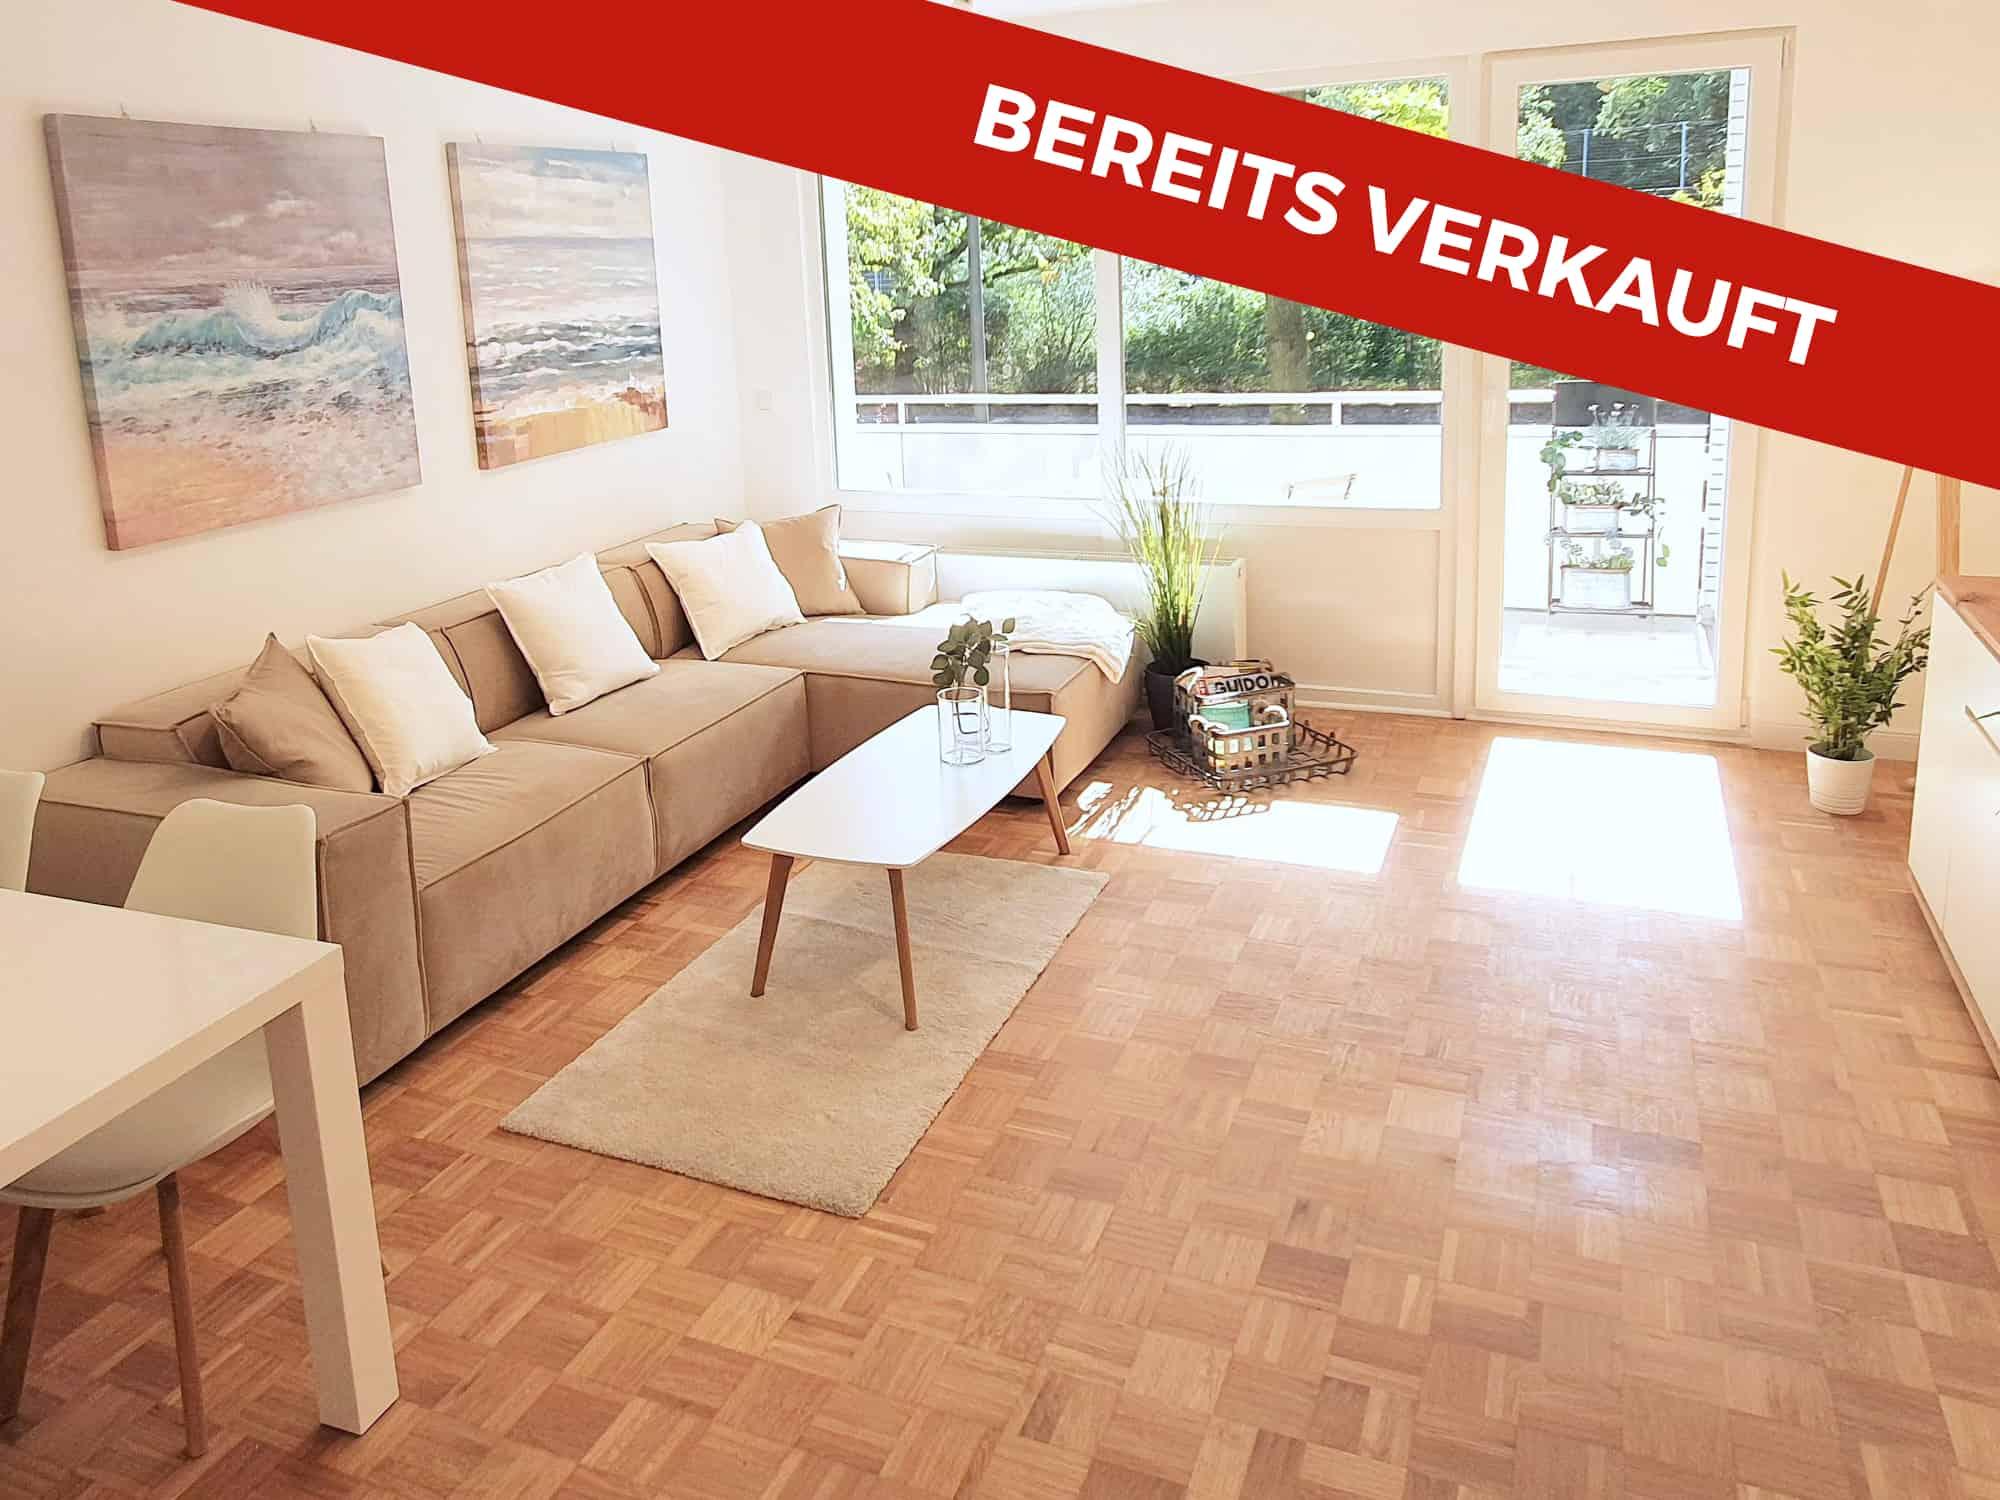 Bereits verkauft: Provisionsfrei 3 Zimmer-Wohnung am Stadtpark